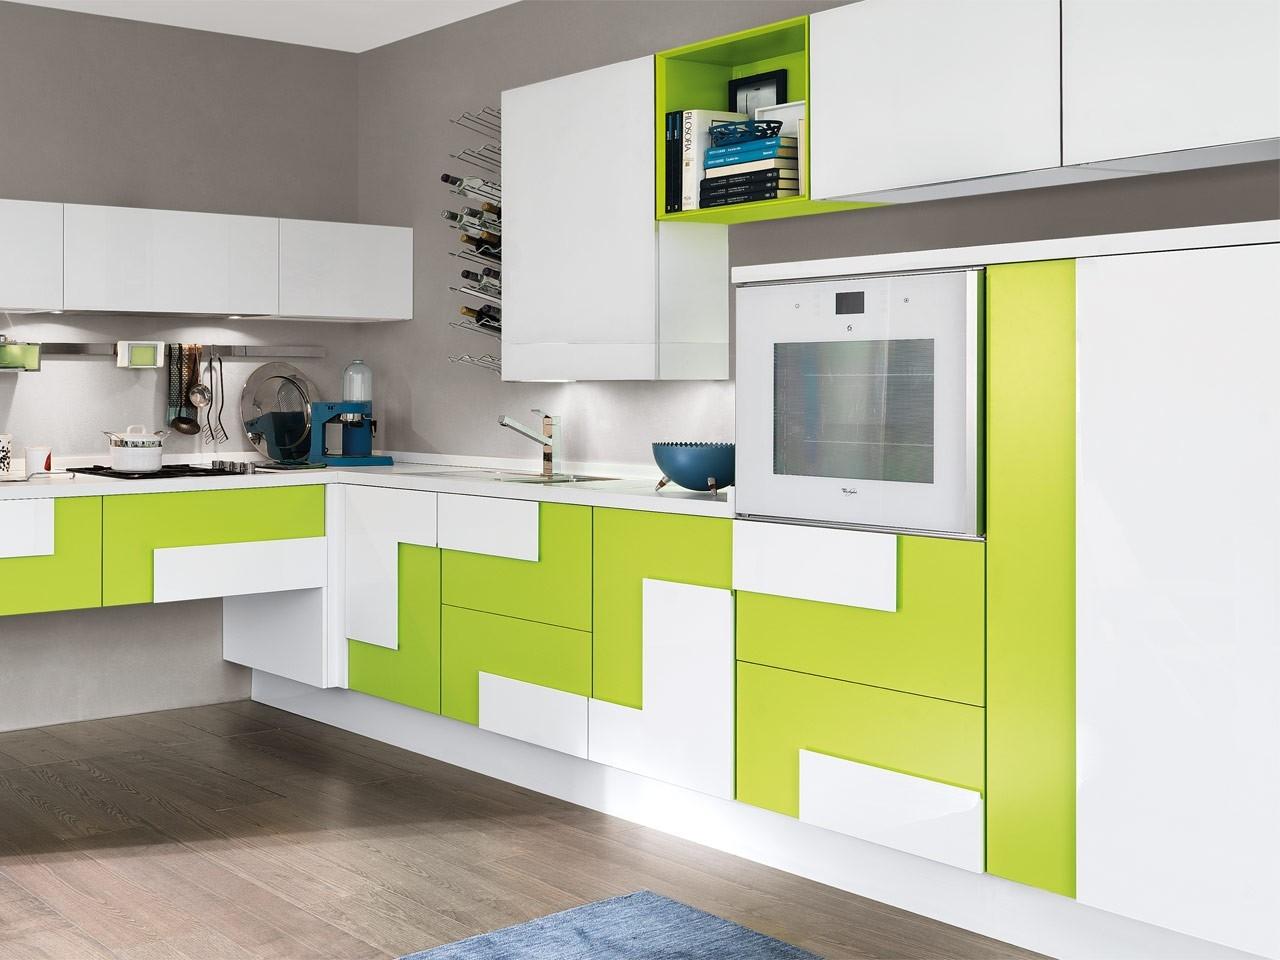 Gambar Desain Dapur Unik  Desain Rumah Minimalis Terbaru